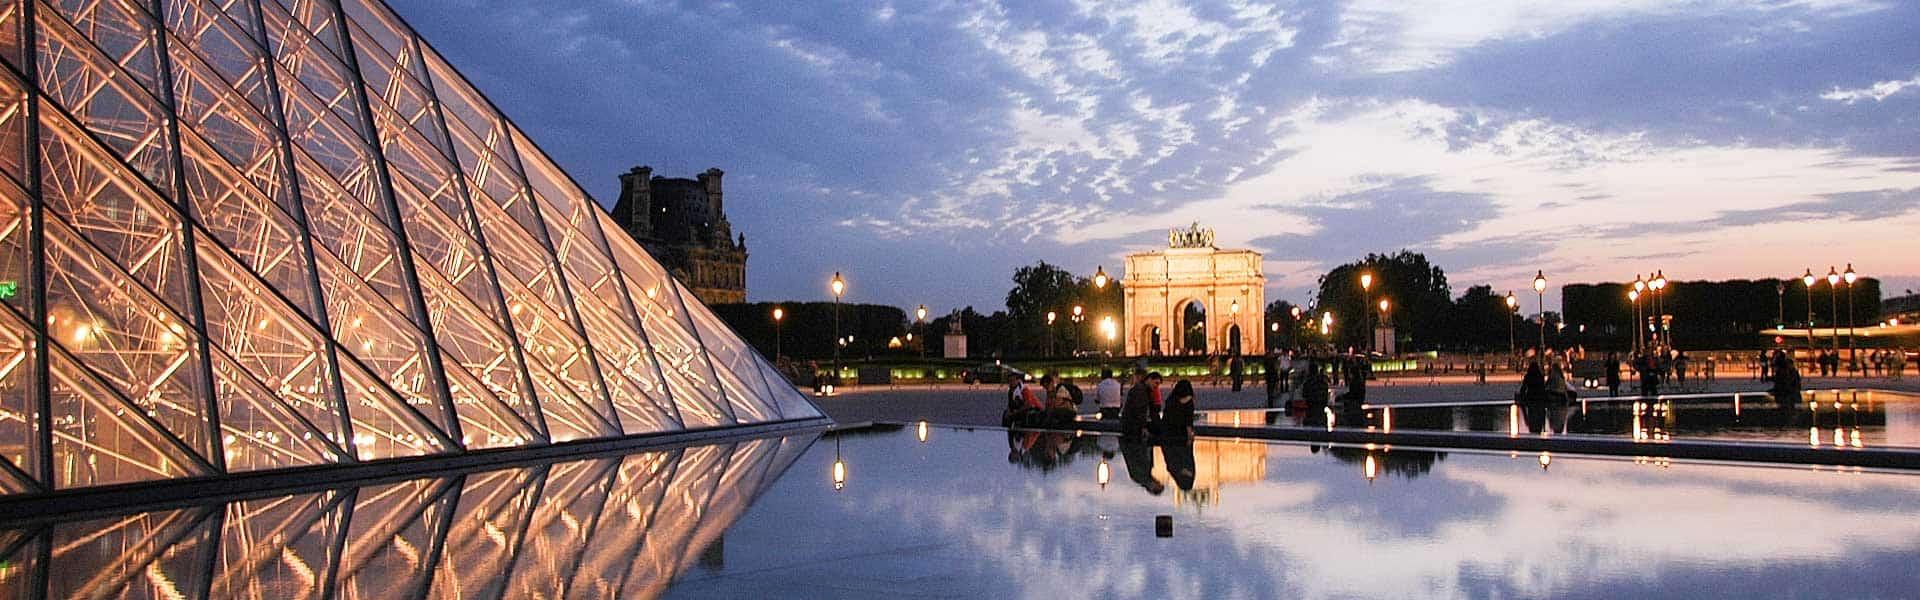 Hier reicht ein Tag definitiv nicht aus: Sie sollten viel Zeit mitbringen, für das Musée du Louvre in Paris